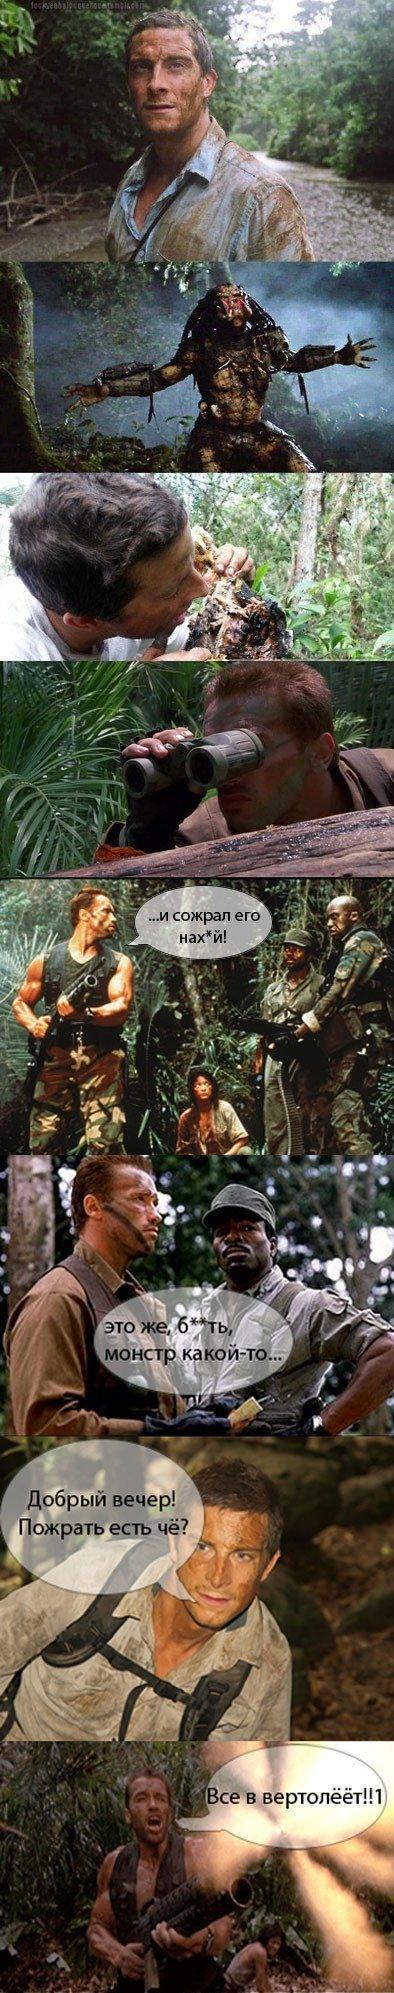 brodude.ru_26.12.2013_R9dMj1gYfLhC8